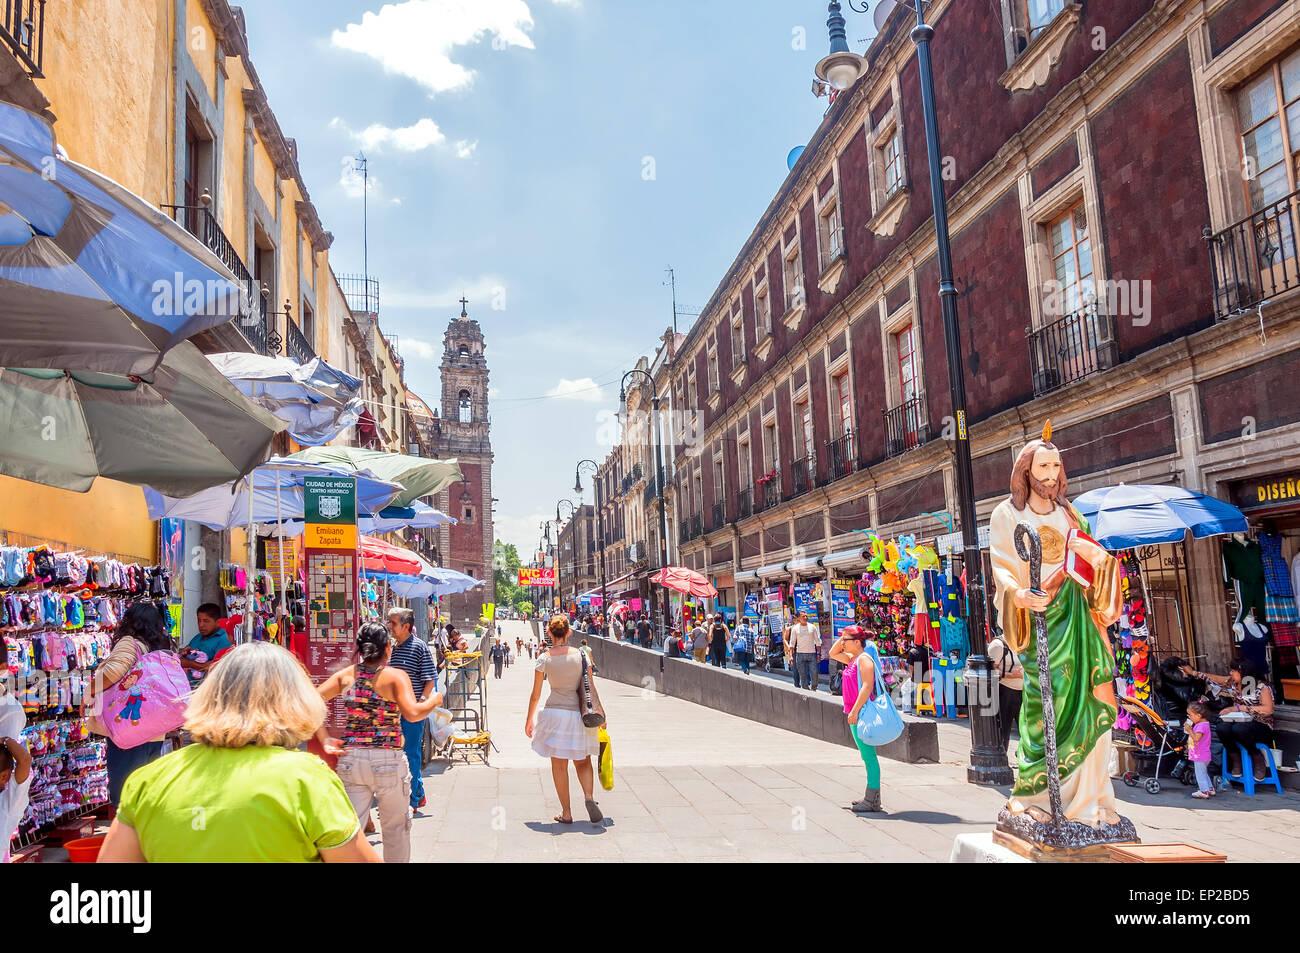 La VILLE DE MEXICO, MEXIQUE - 29 avril 2014: les habitants et les touristes dans les rues du centre-ville Photo Stock